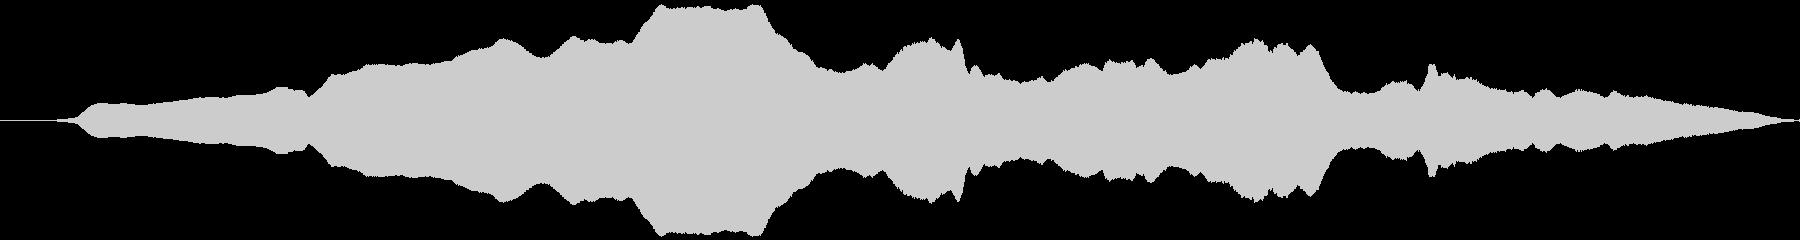 可愛く動く風(オノマトペ)ヒョウィッの未再生の波形